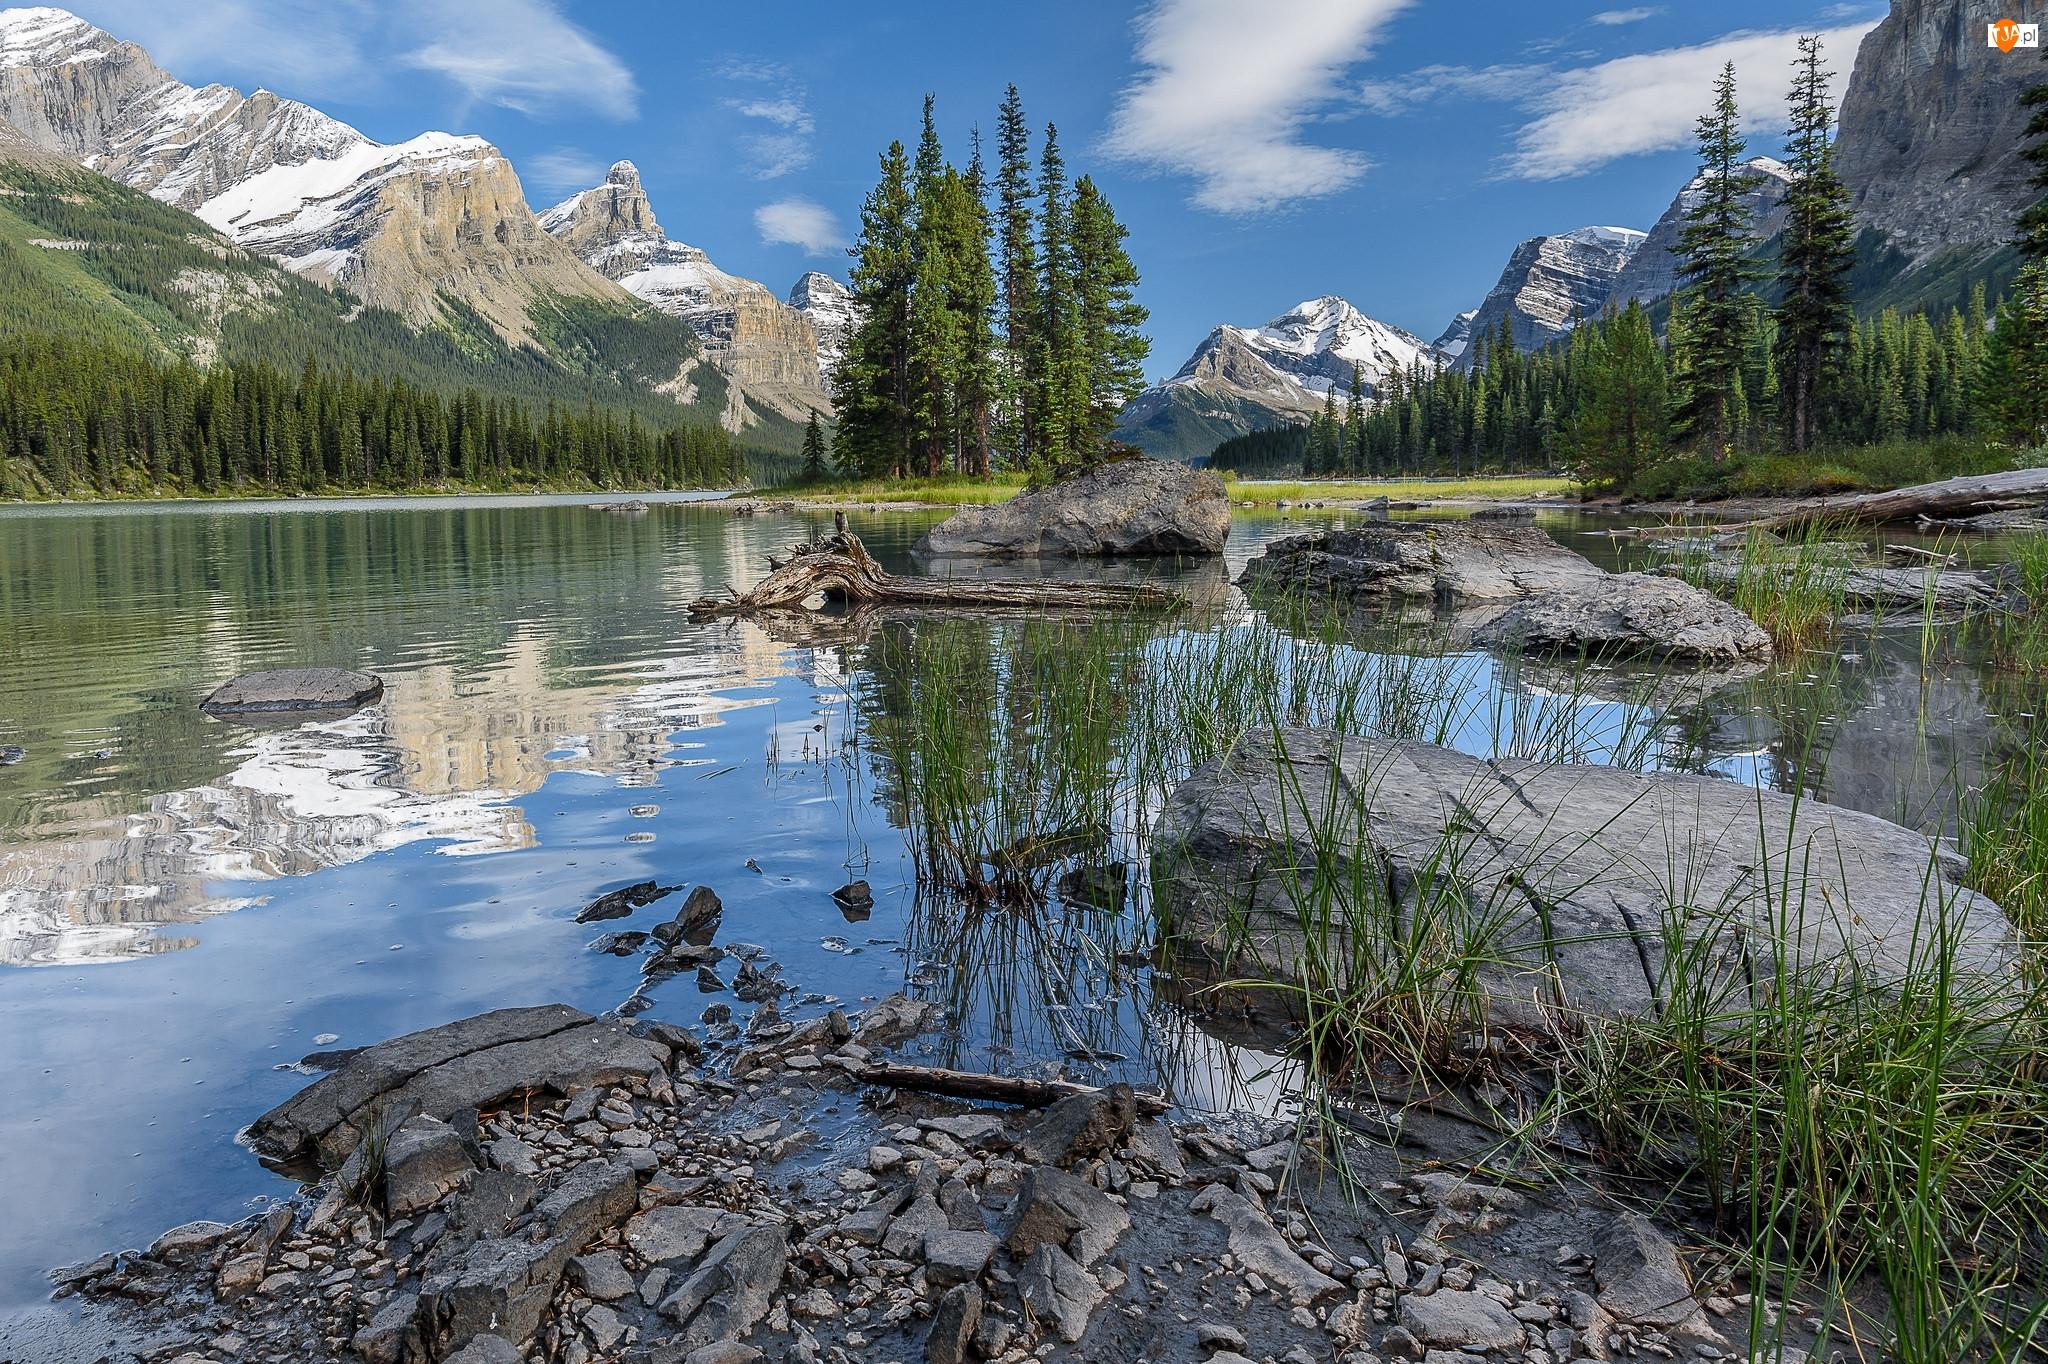 Park Narodowy Jasper, Góry, Skały, Kanada, Drzewa, Wyspa Spirit Island, Jezioro Maligne Lake